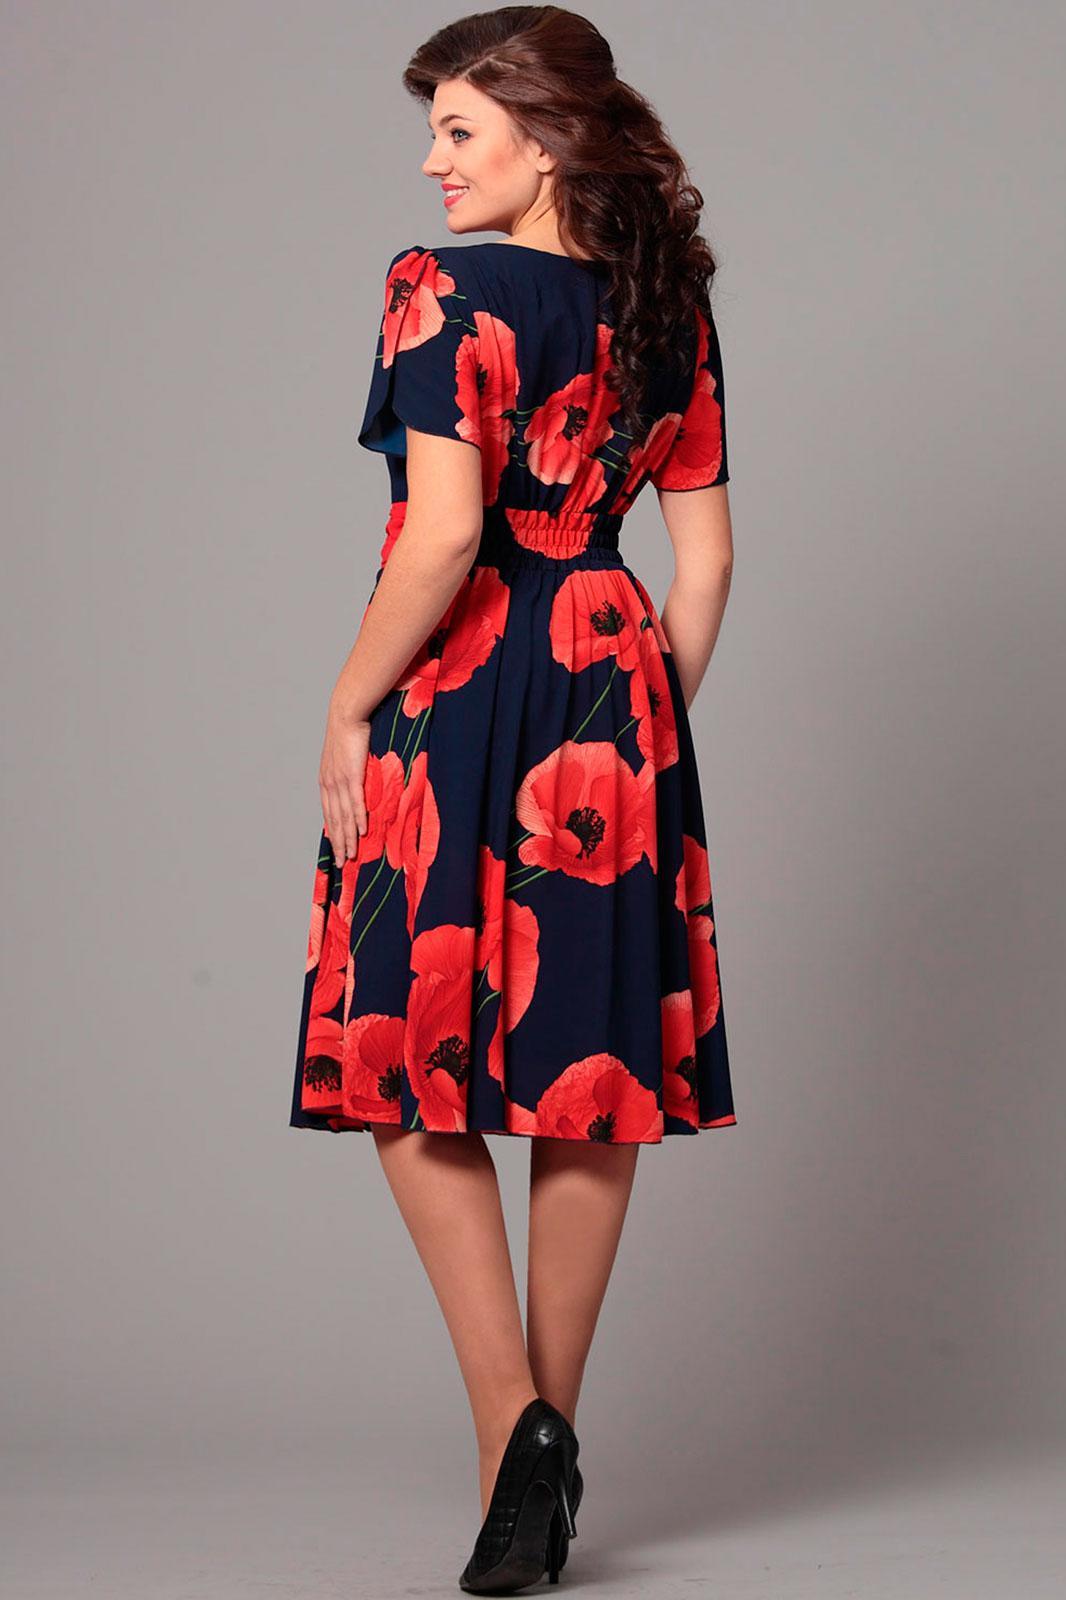 модели платья 2012 года